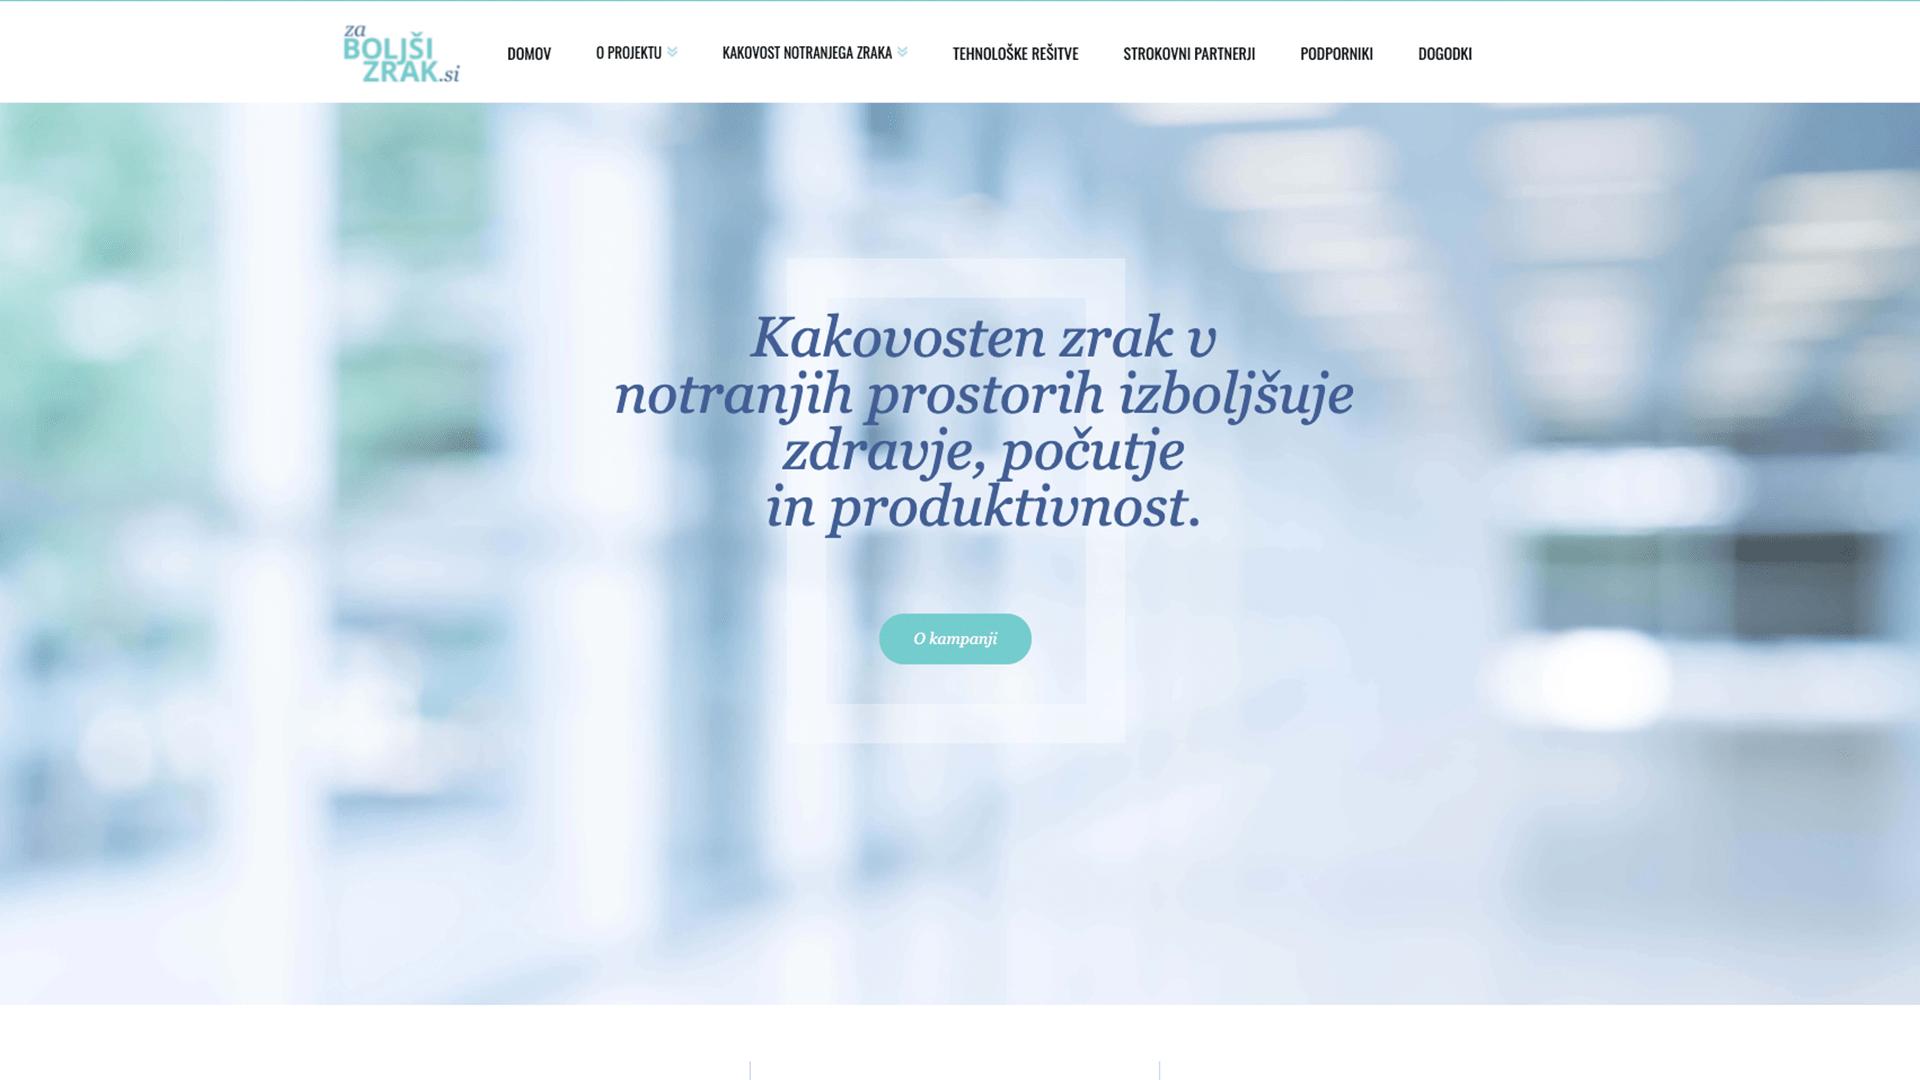 Za boljši zrak: Izdelava spletne strani